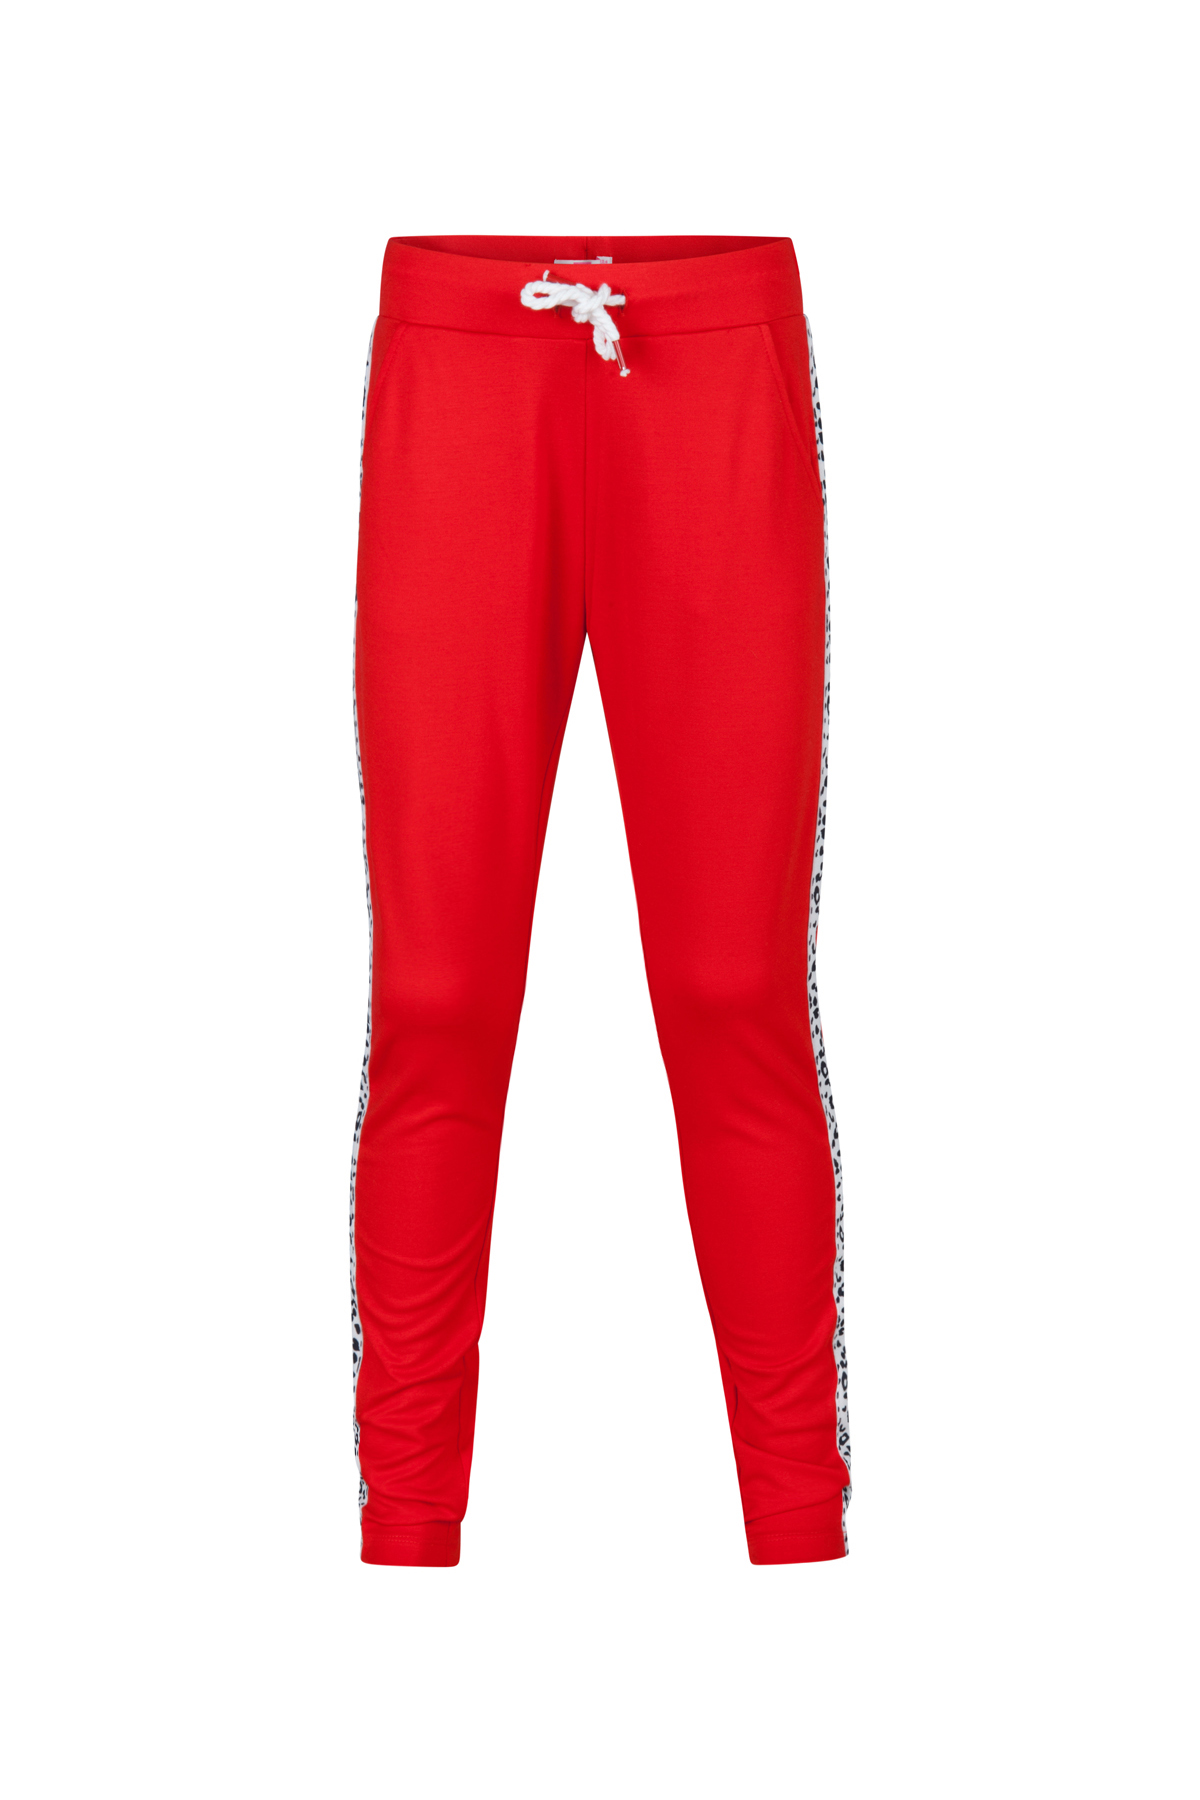 ... Pantalon de jogging sporty stripe fille Rouge ... 43885923a4c